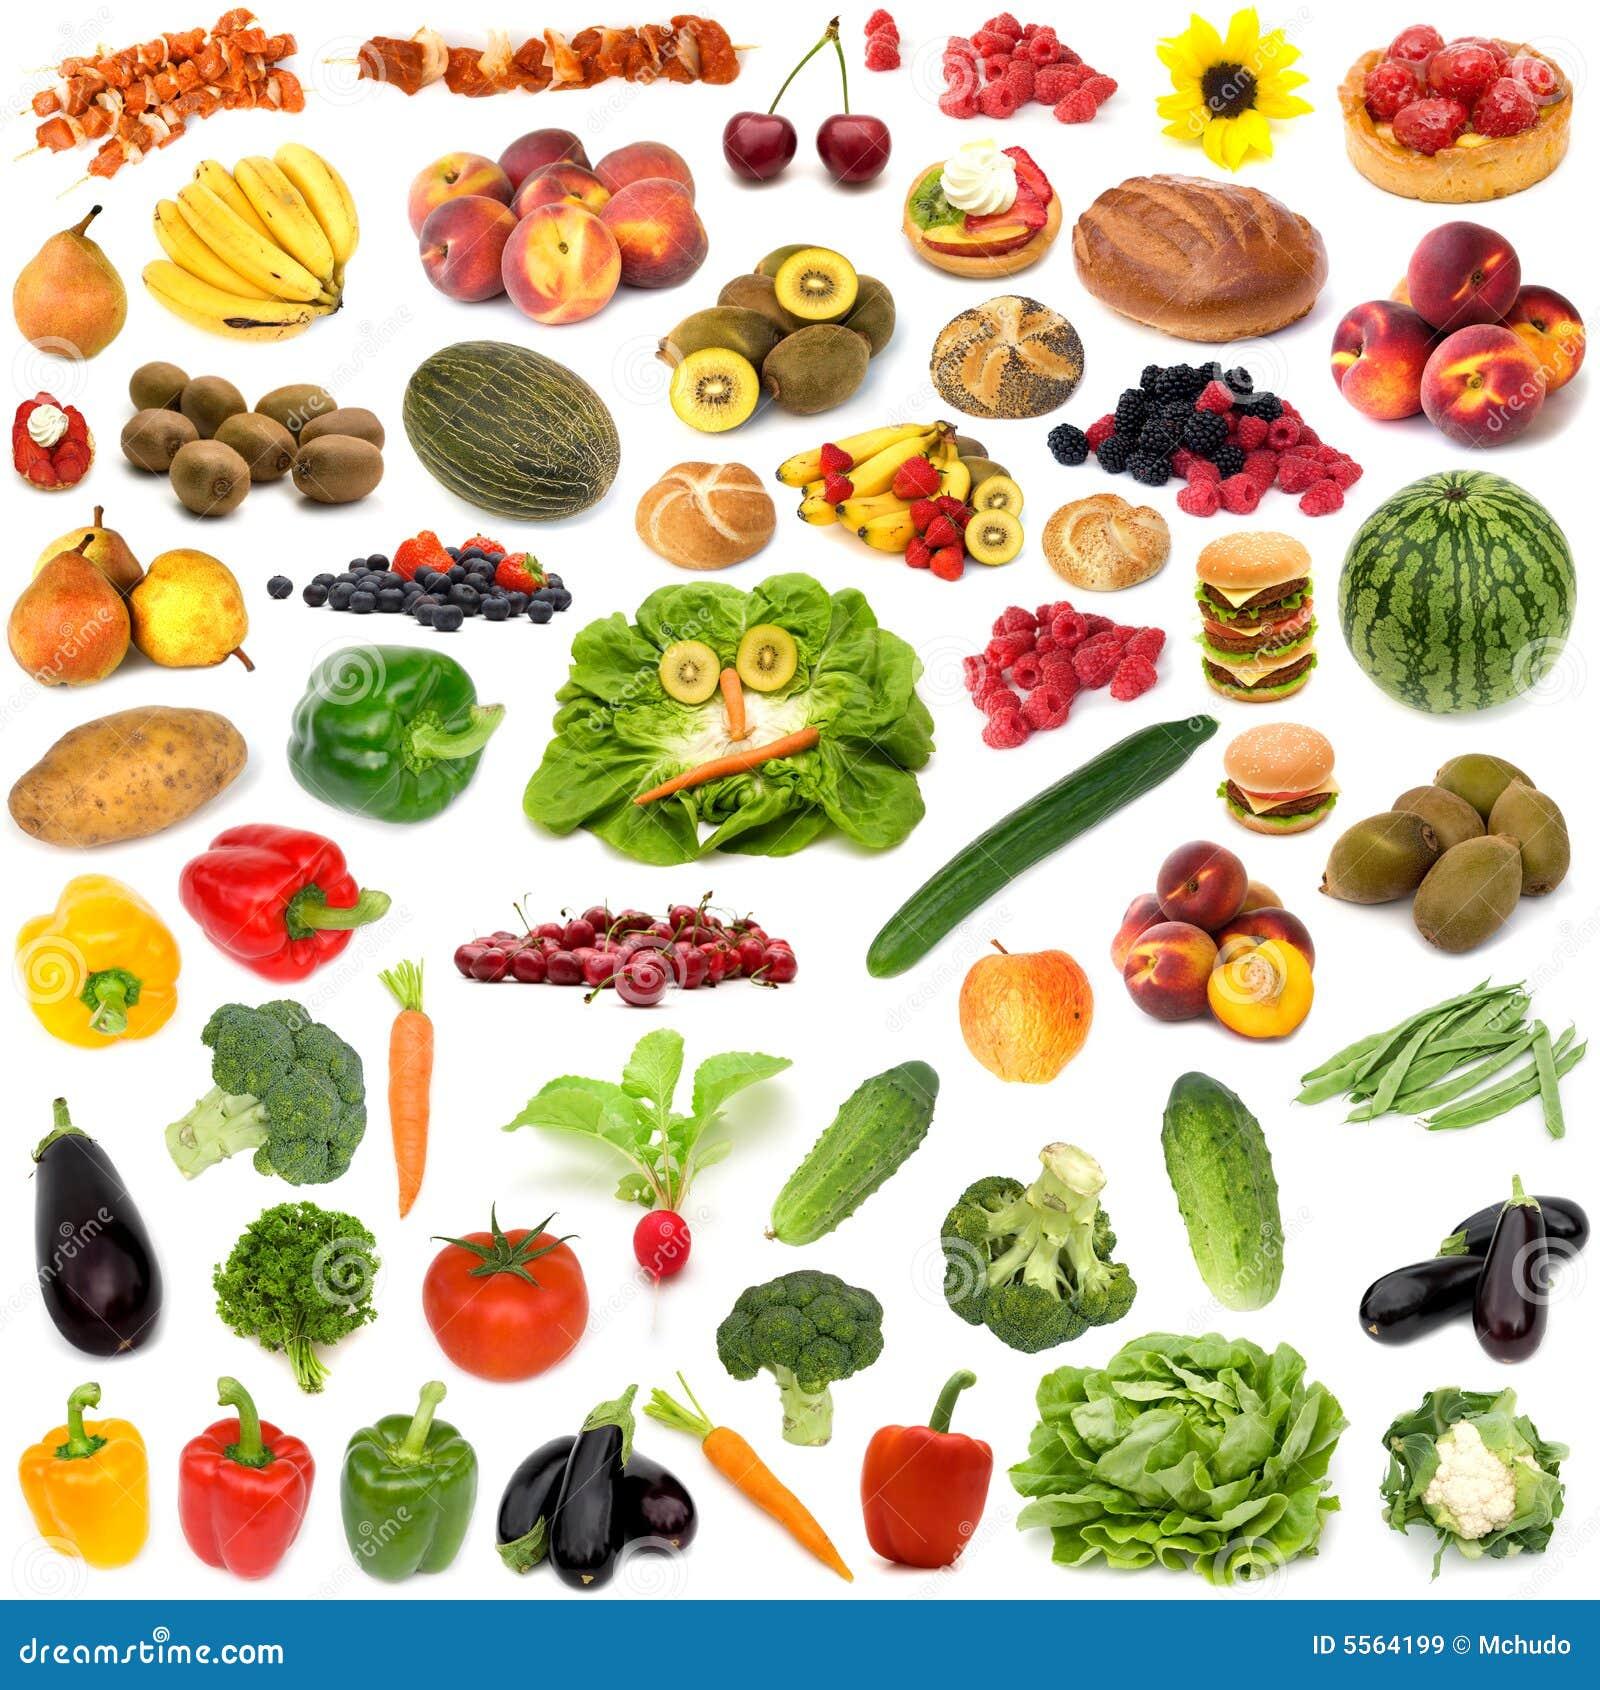 году купить наклейки с едой фруктами овощами теперь агент глубокого